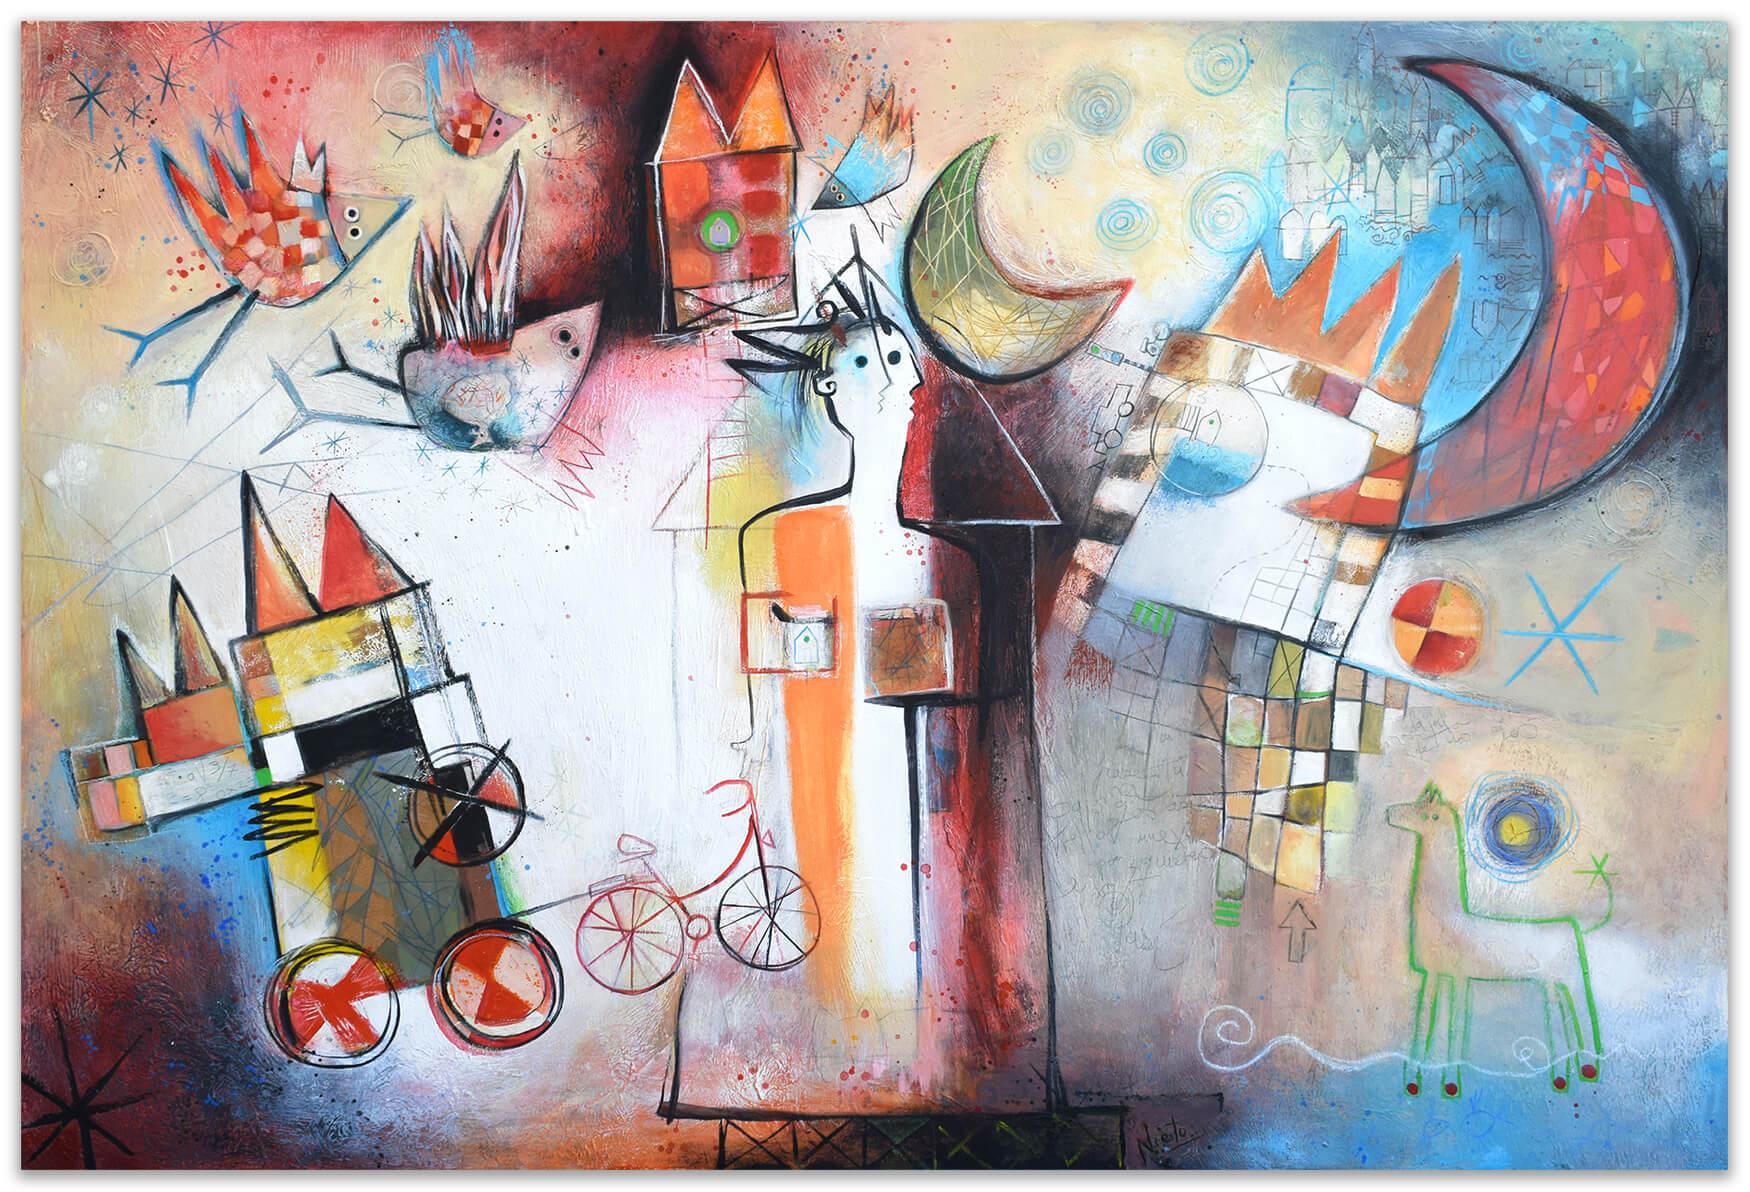 Original painting by Angeles Nieto - La puerta del sol